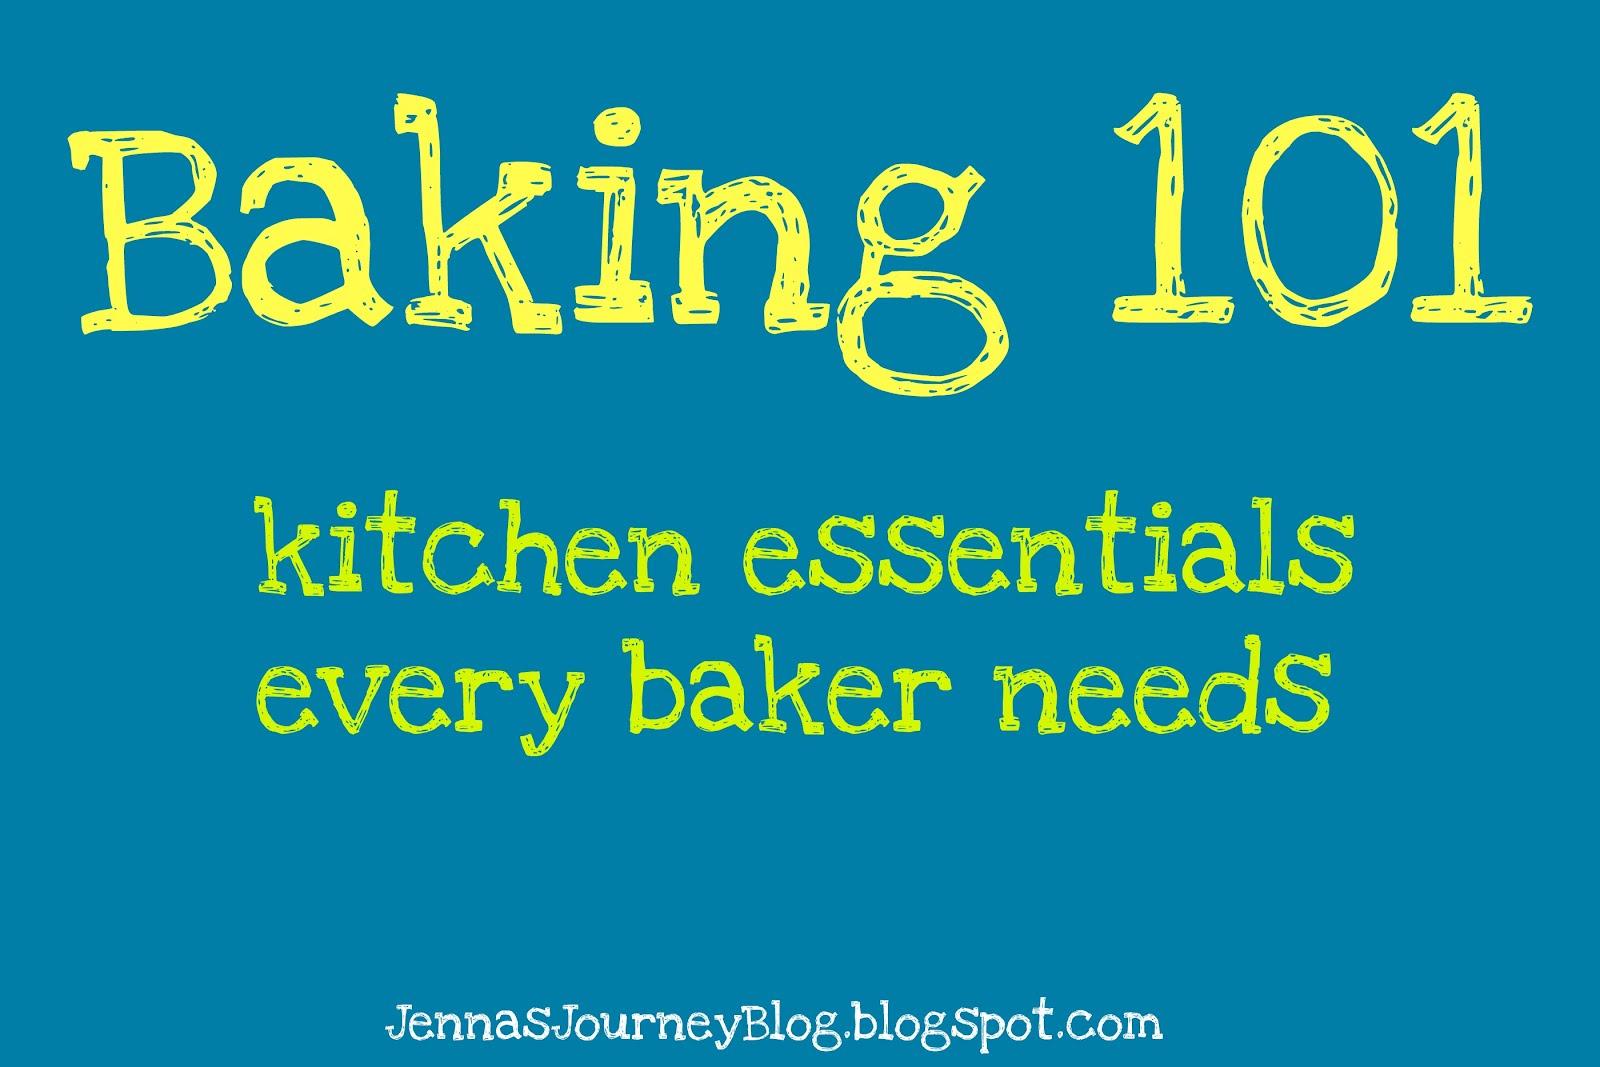 jenna blogs: baking 101 - kitchen essentials